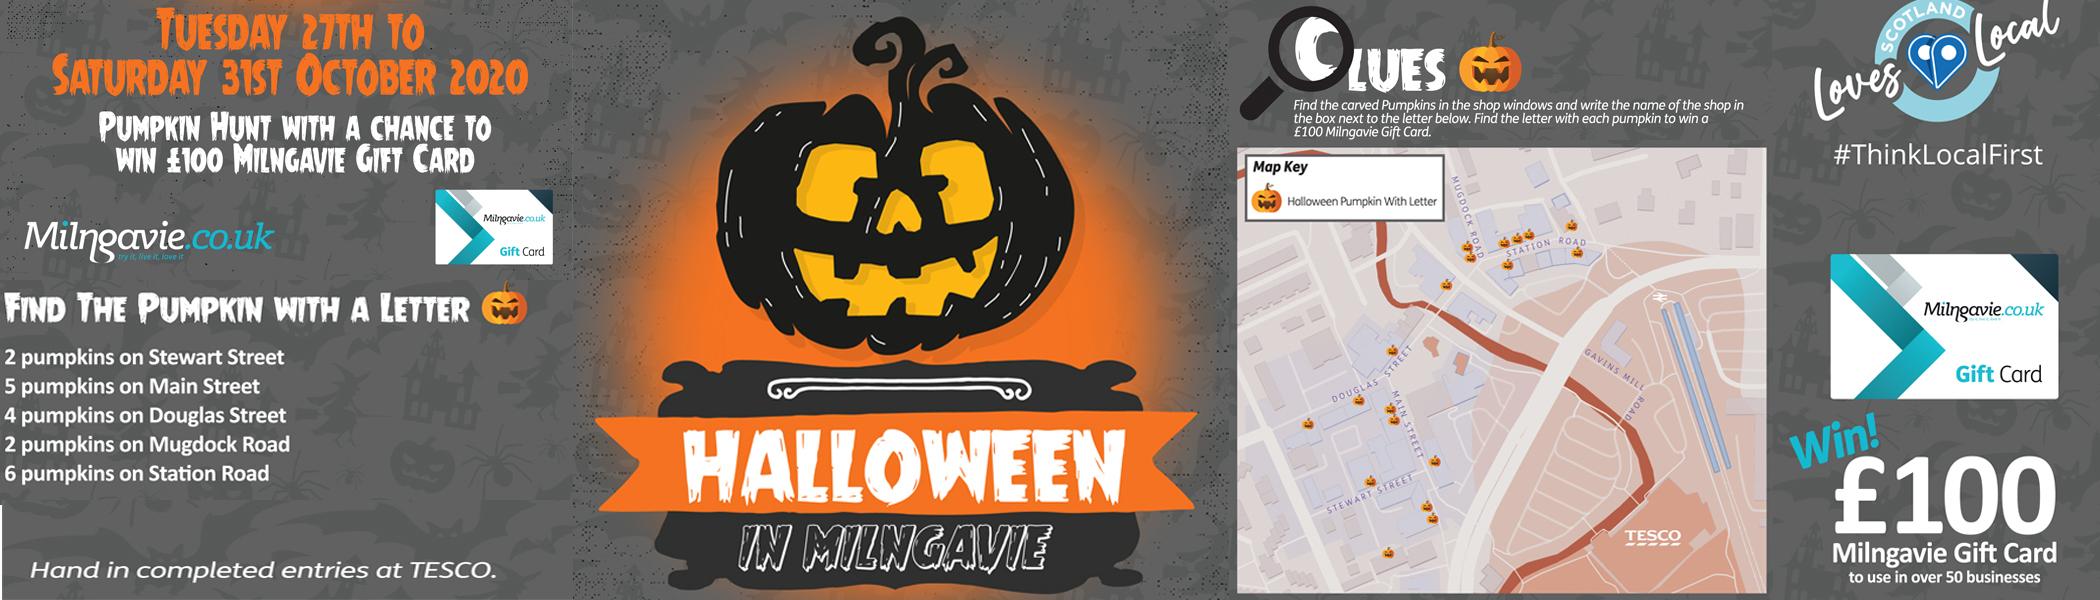 Milngavie Halloween 2020